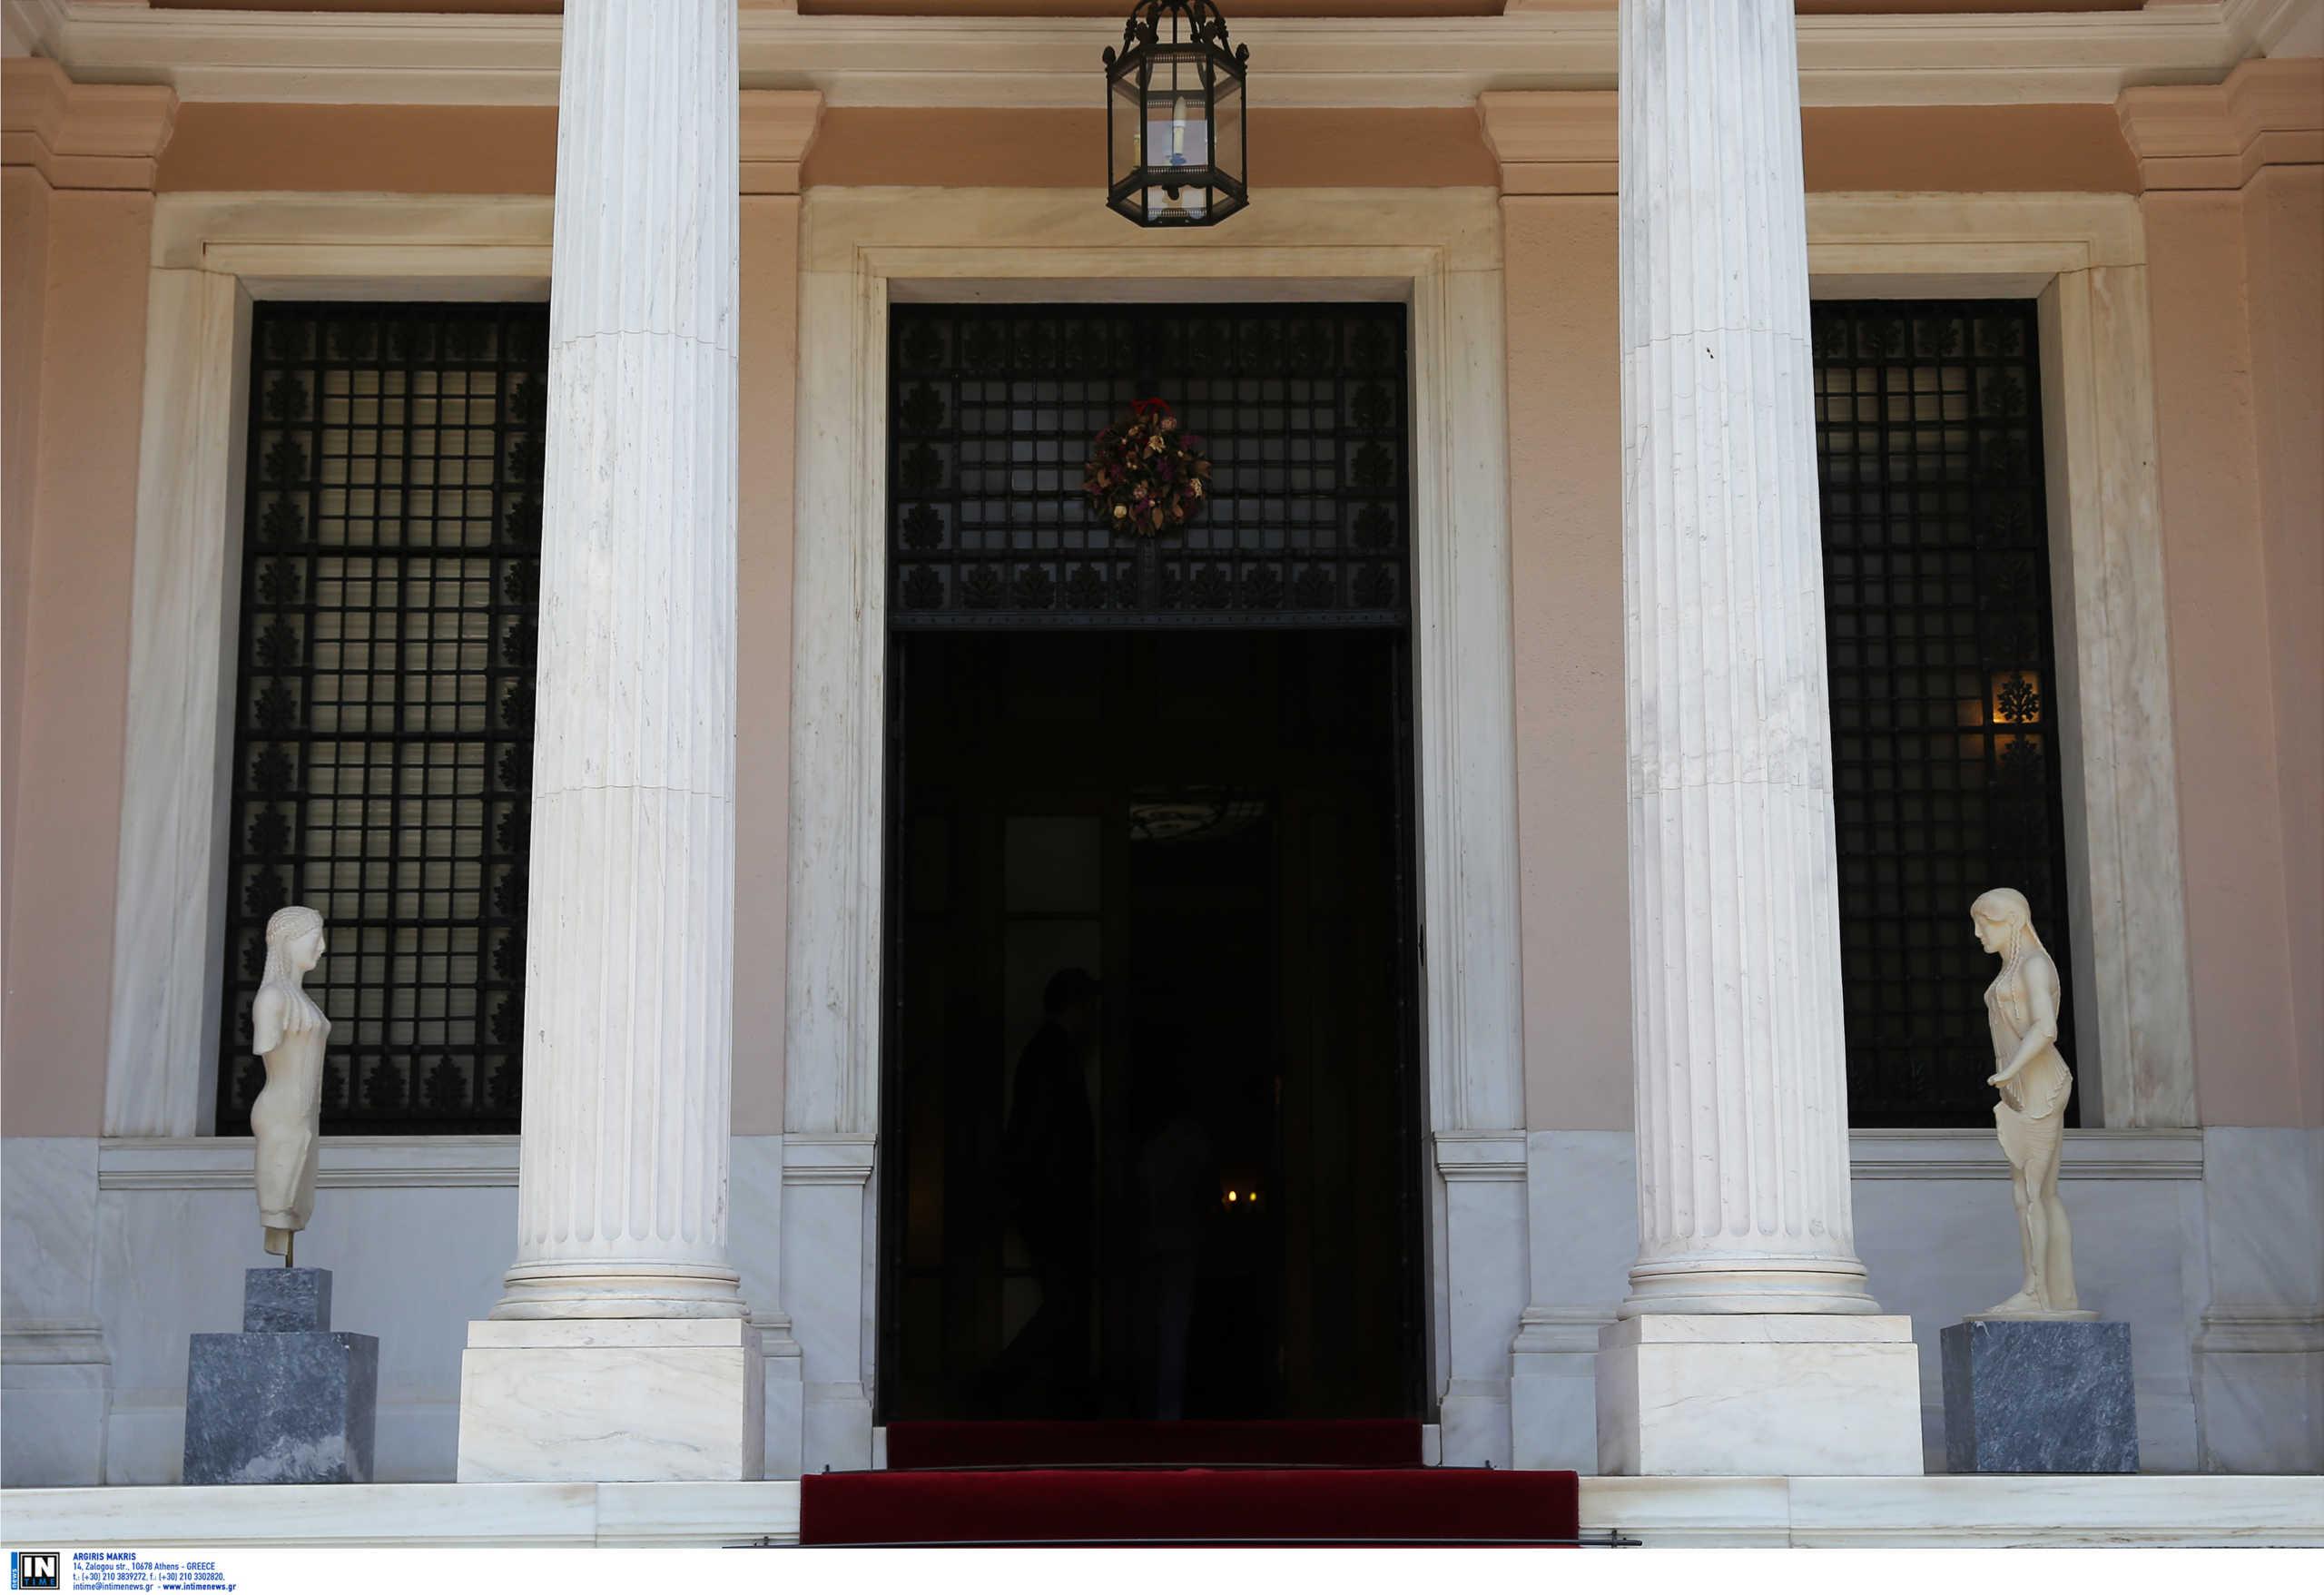 Σύσκεψη στο Μέγαρο Μαξίμου για την Πολιτική Προστασία υπό τον Κυριάκο Μητσοτάκη